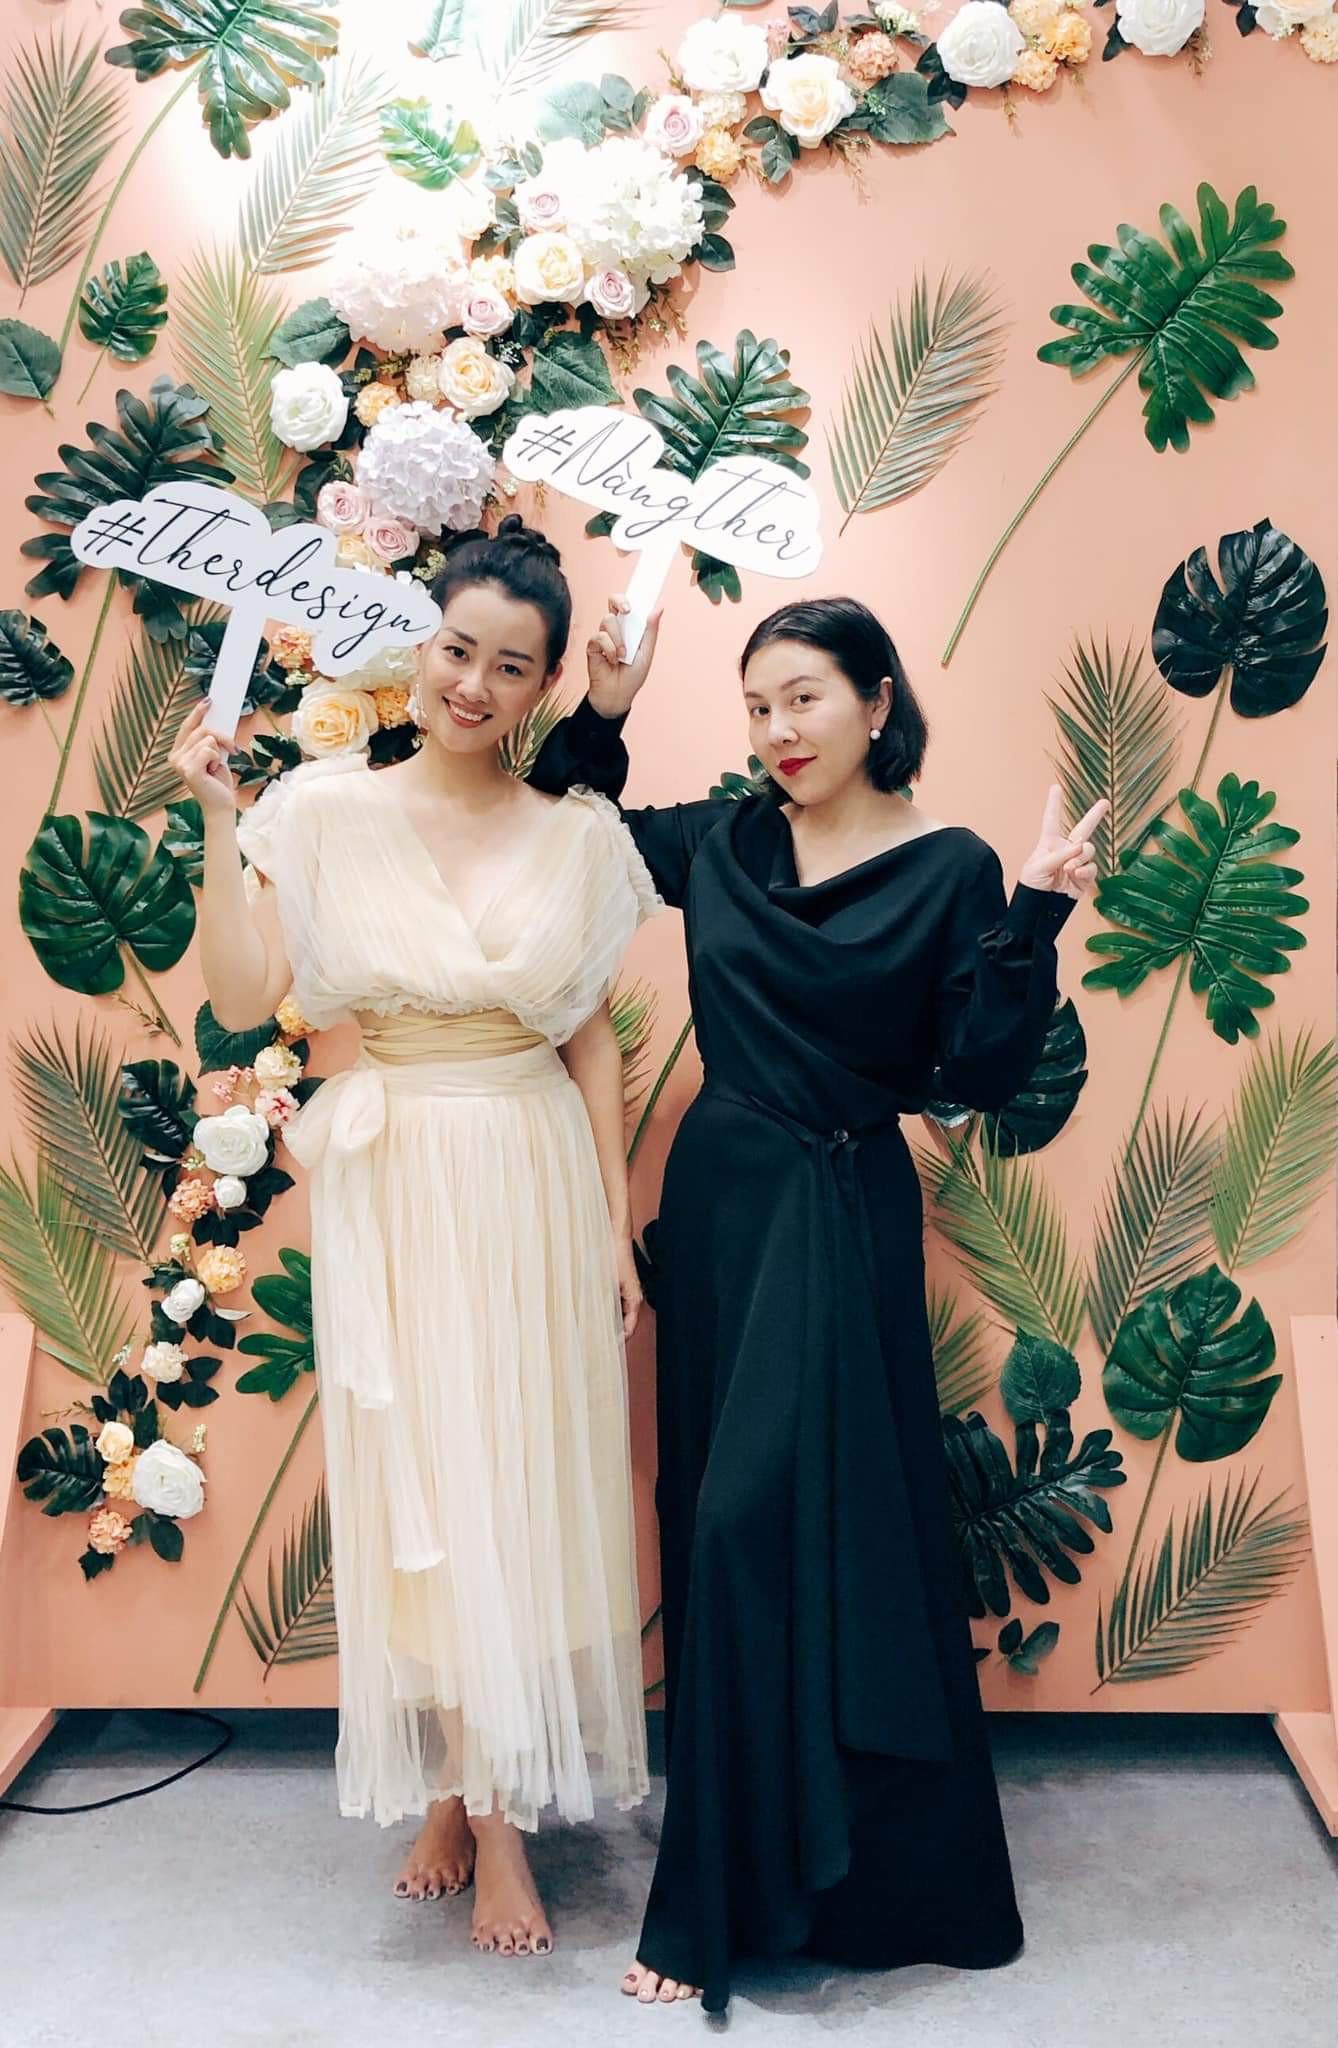 MC Quỳnh Chi ra mắt thương hiệu thời trang Ther Design - Ảnh 8.